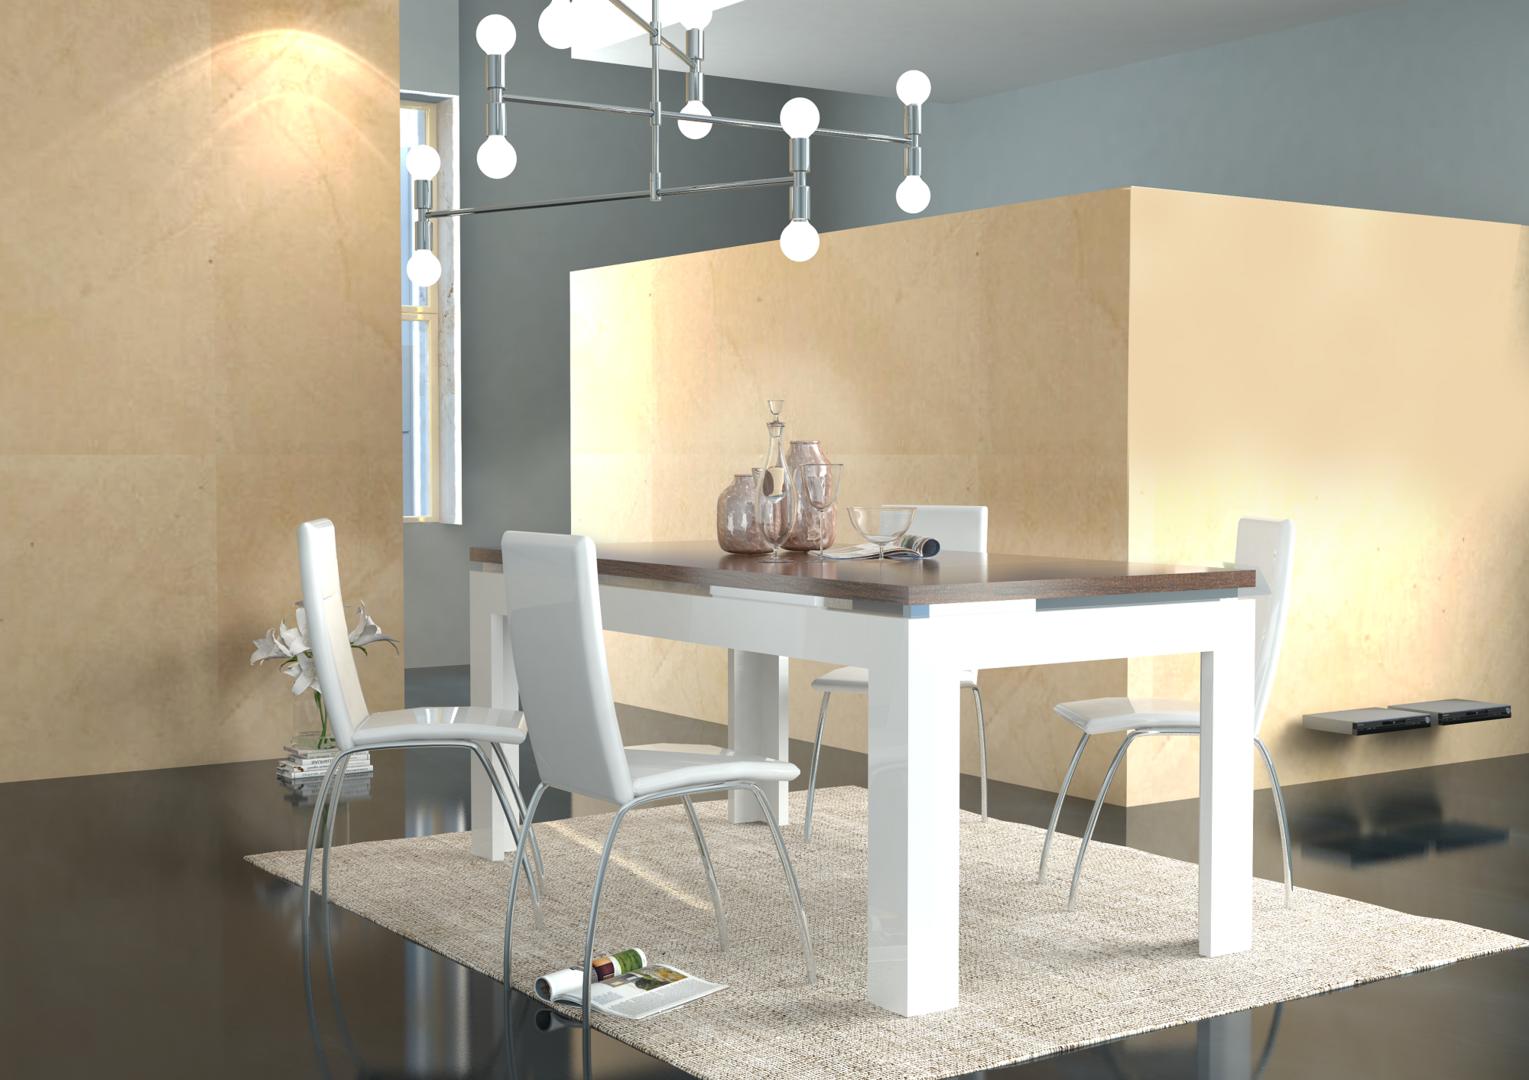 Tavolo moderno bianco messico mobile per sala da pranzo for Tavoli da sala da pranzo moderni